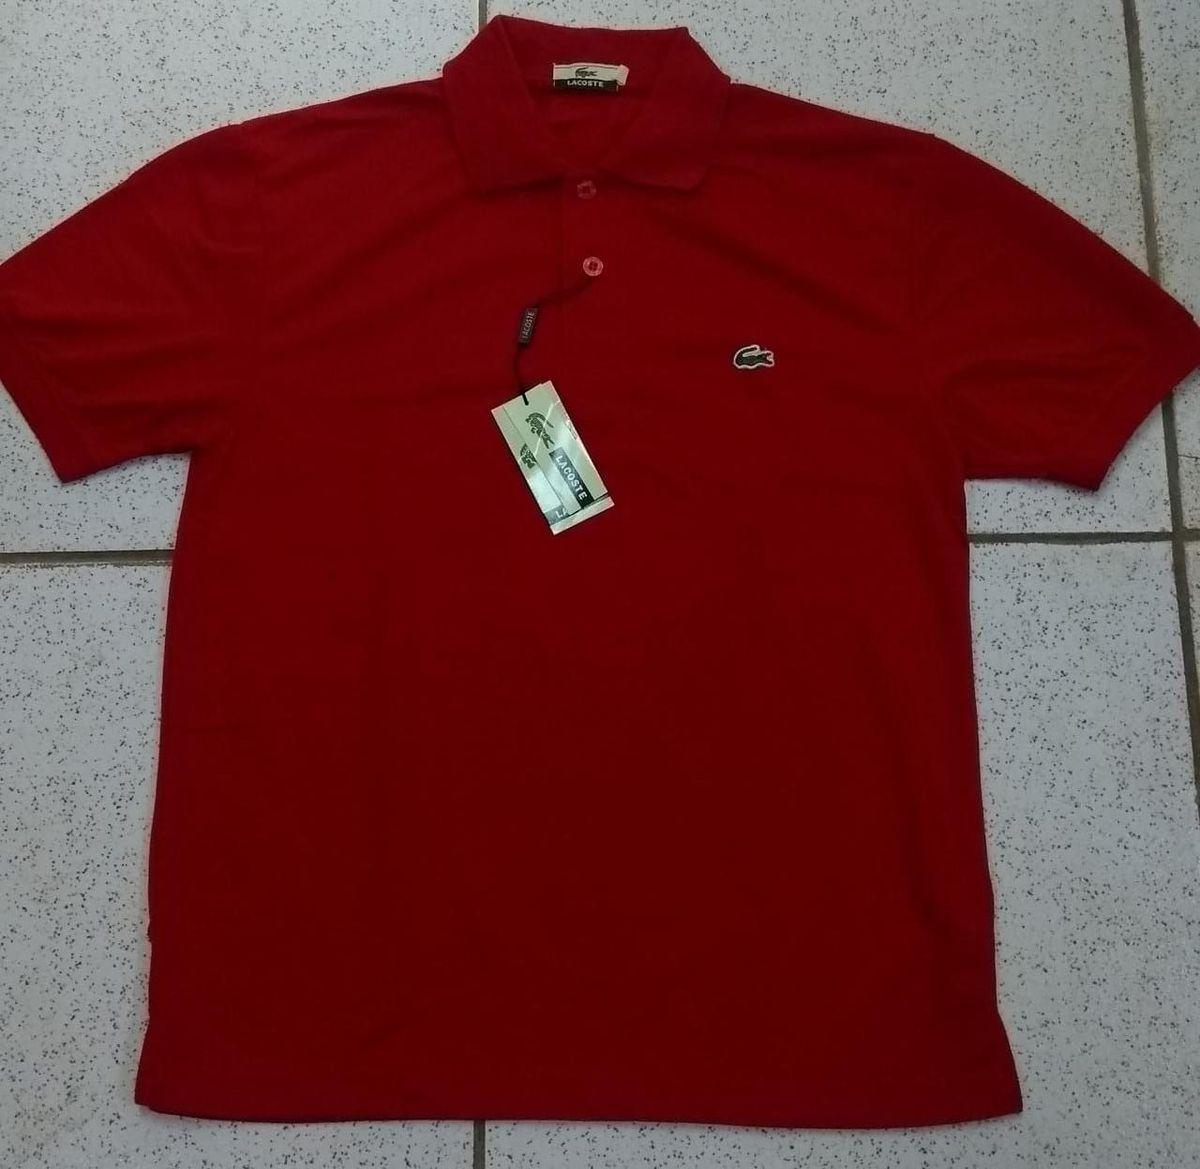 camisa polo lacoste original - camisas lacoste.  Czm6ly9wag90b3muzw5qb2vplmnvbs5ici9wcm9kdwn0cy83odu0njc1lzljnmqxy2jjodg2mjy1nza1njmzzdnjytaymtm5zjfilmpwzw  ... 5888cee844